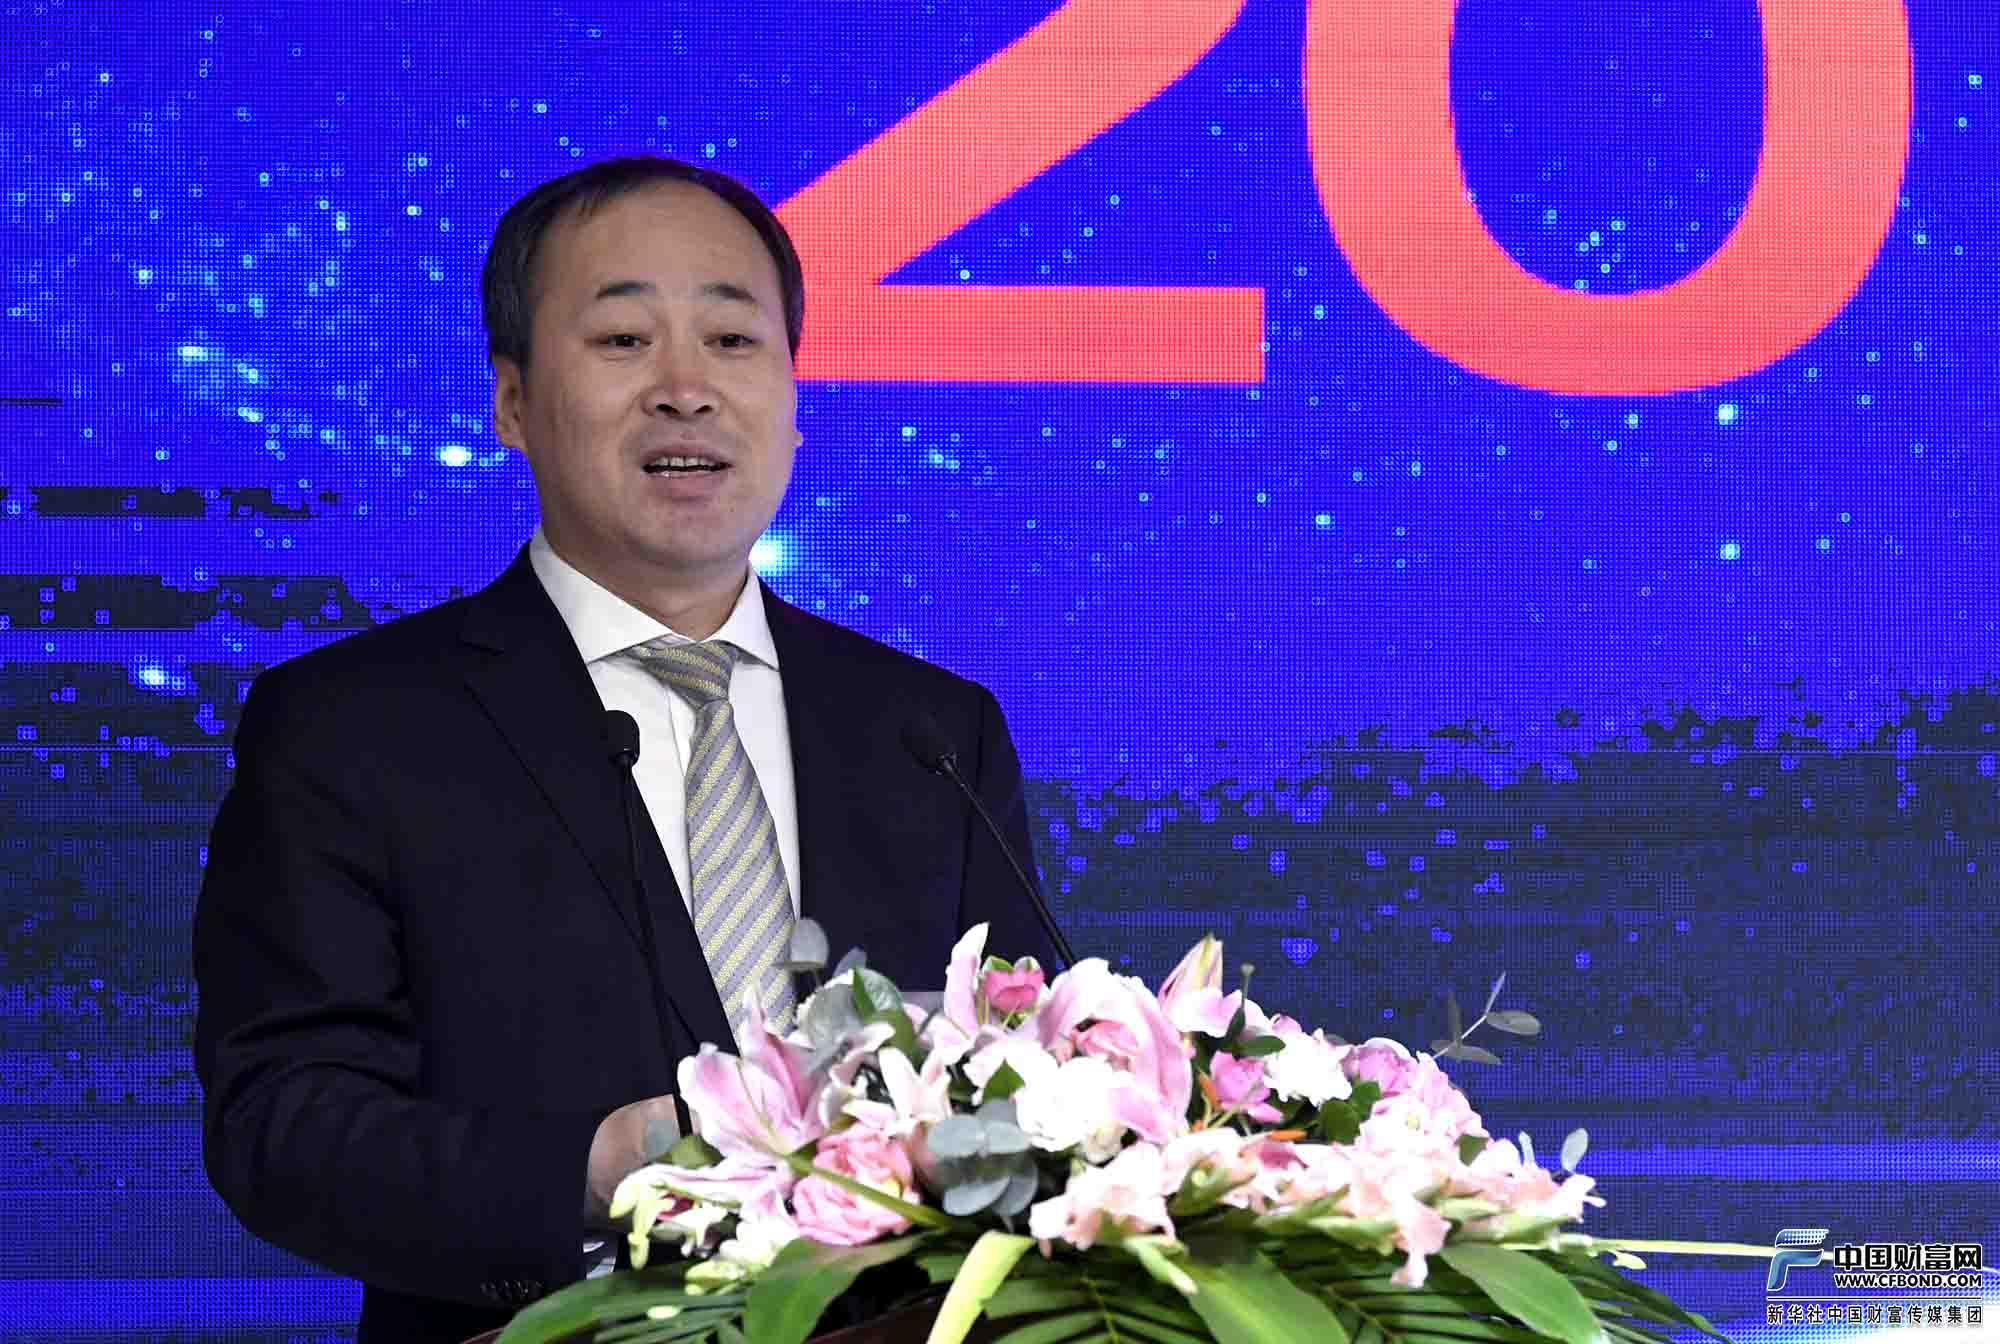 万博新经济研究院院长滕泰发布中国31个省级行政区营商环境前十名